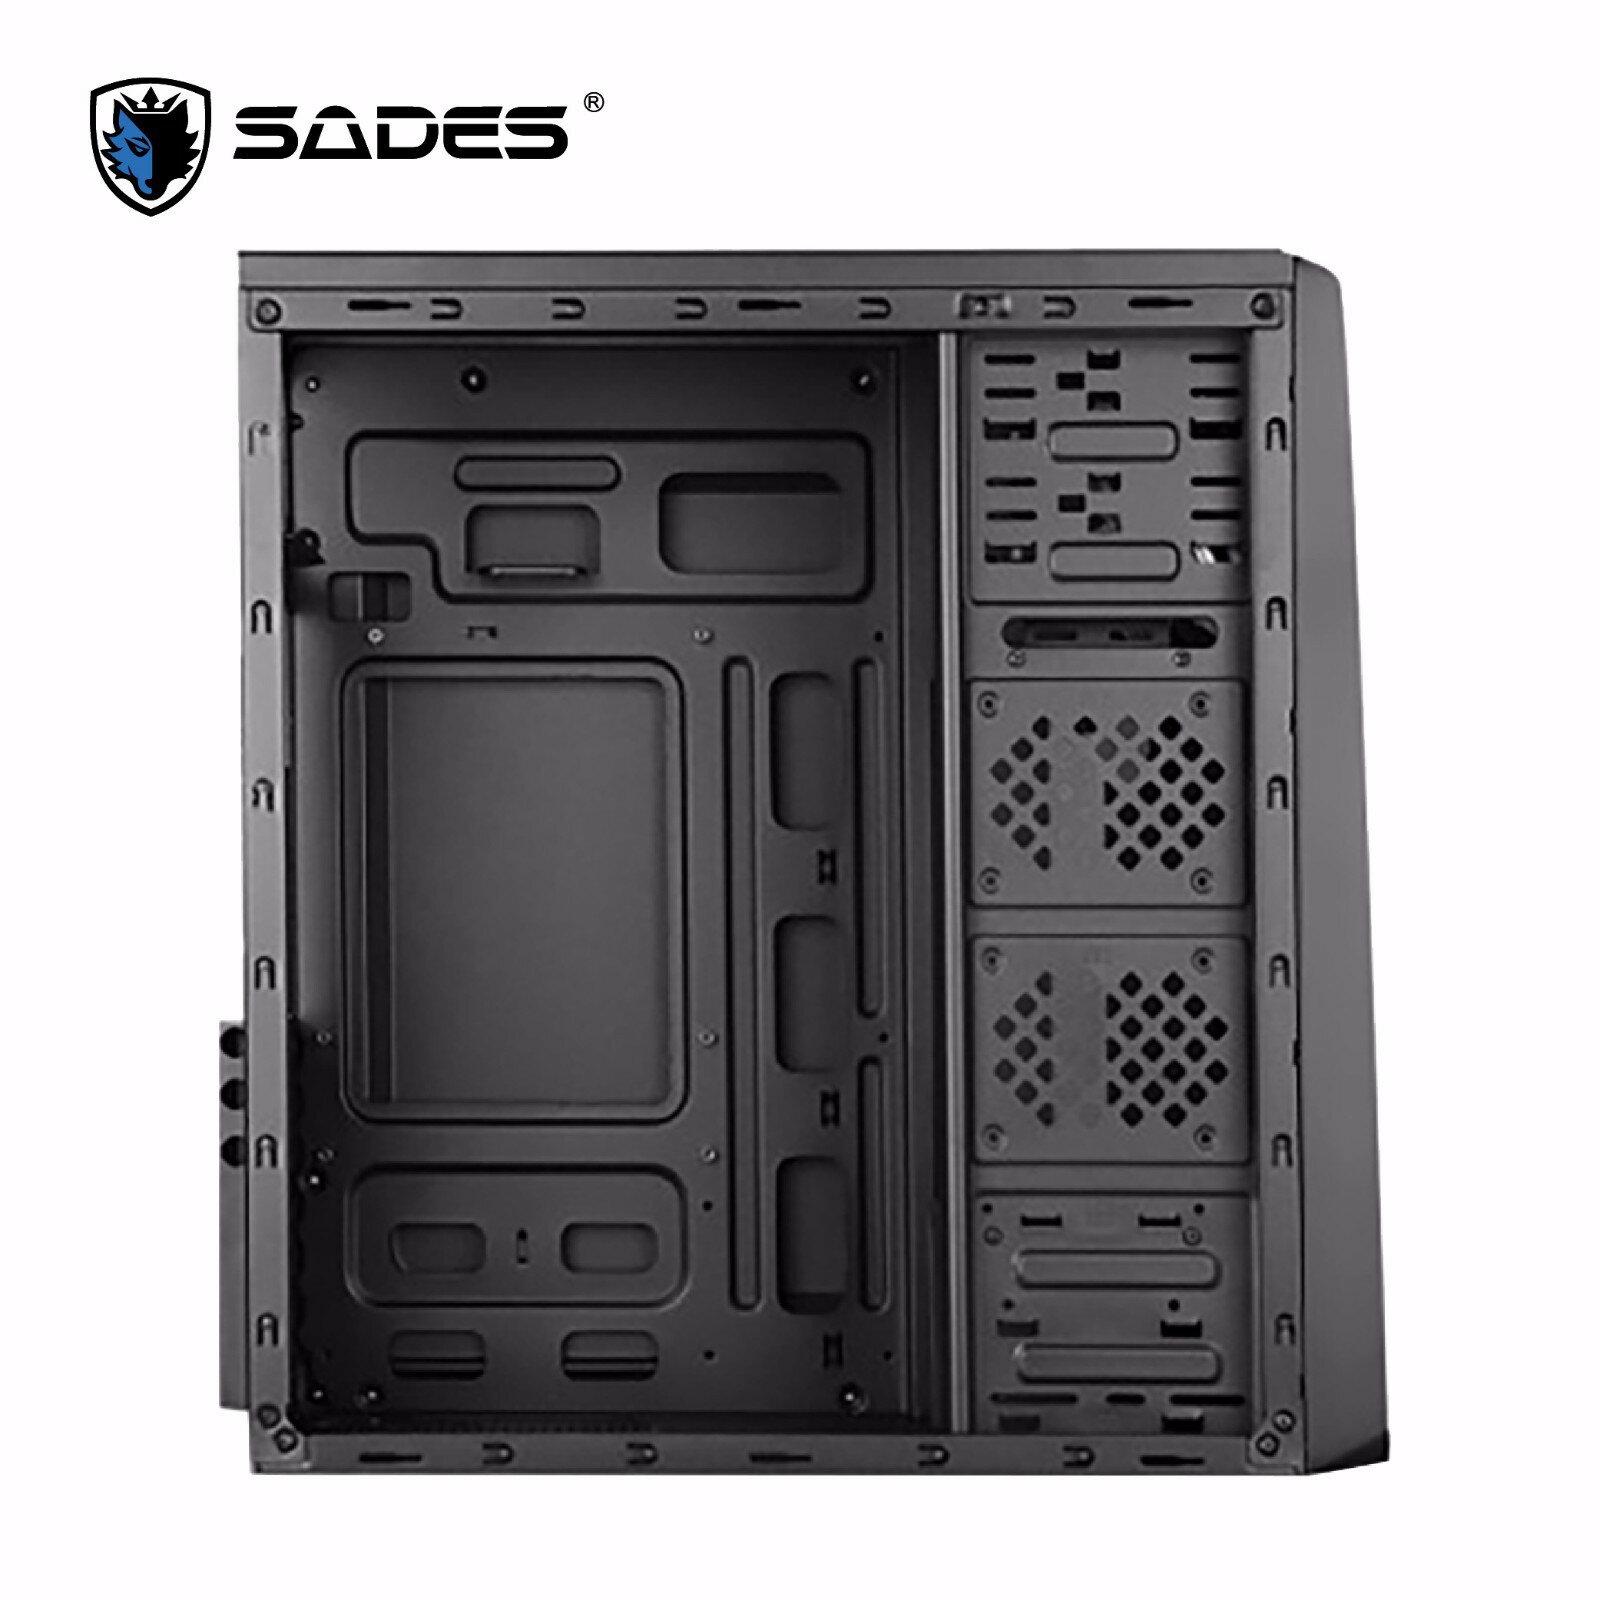 【迪特軍3C】立光代理 SADES 賽德斯 狼王萊肯 強化裝甲機箱 電腦機殼 適用ATX M-ATX ITX 主機板 0.7超厚鋼板 2